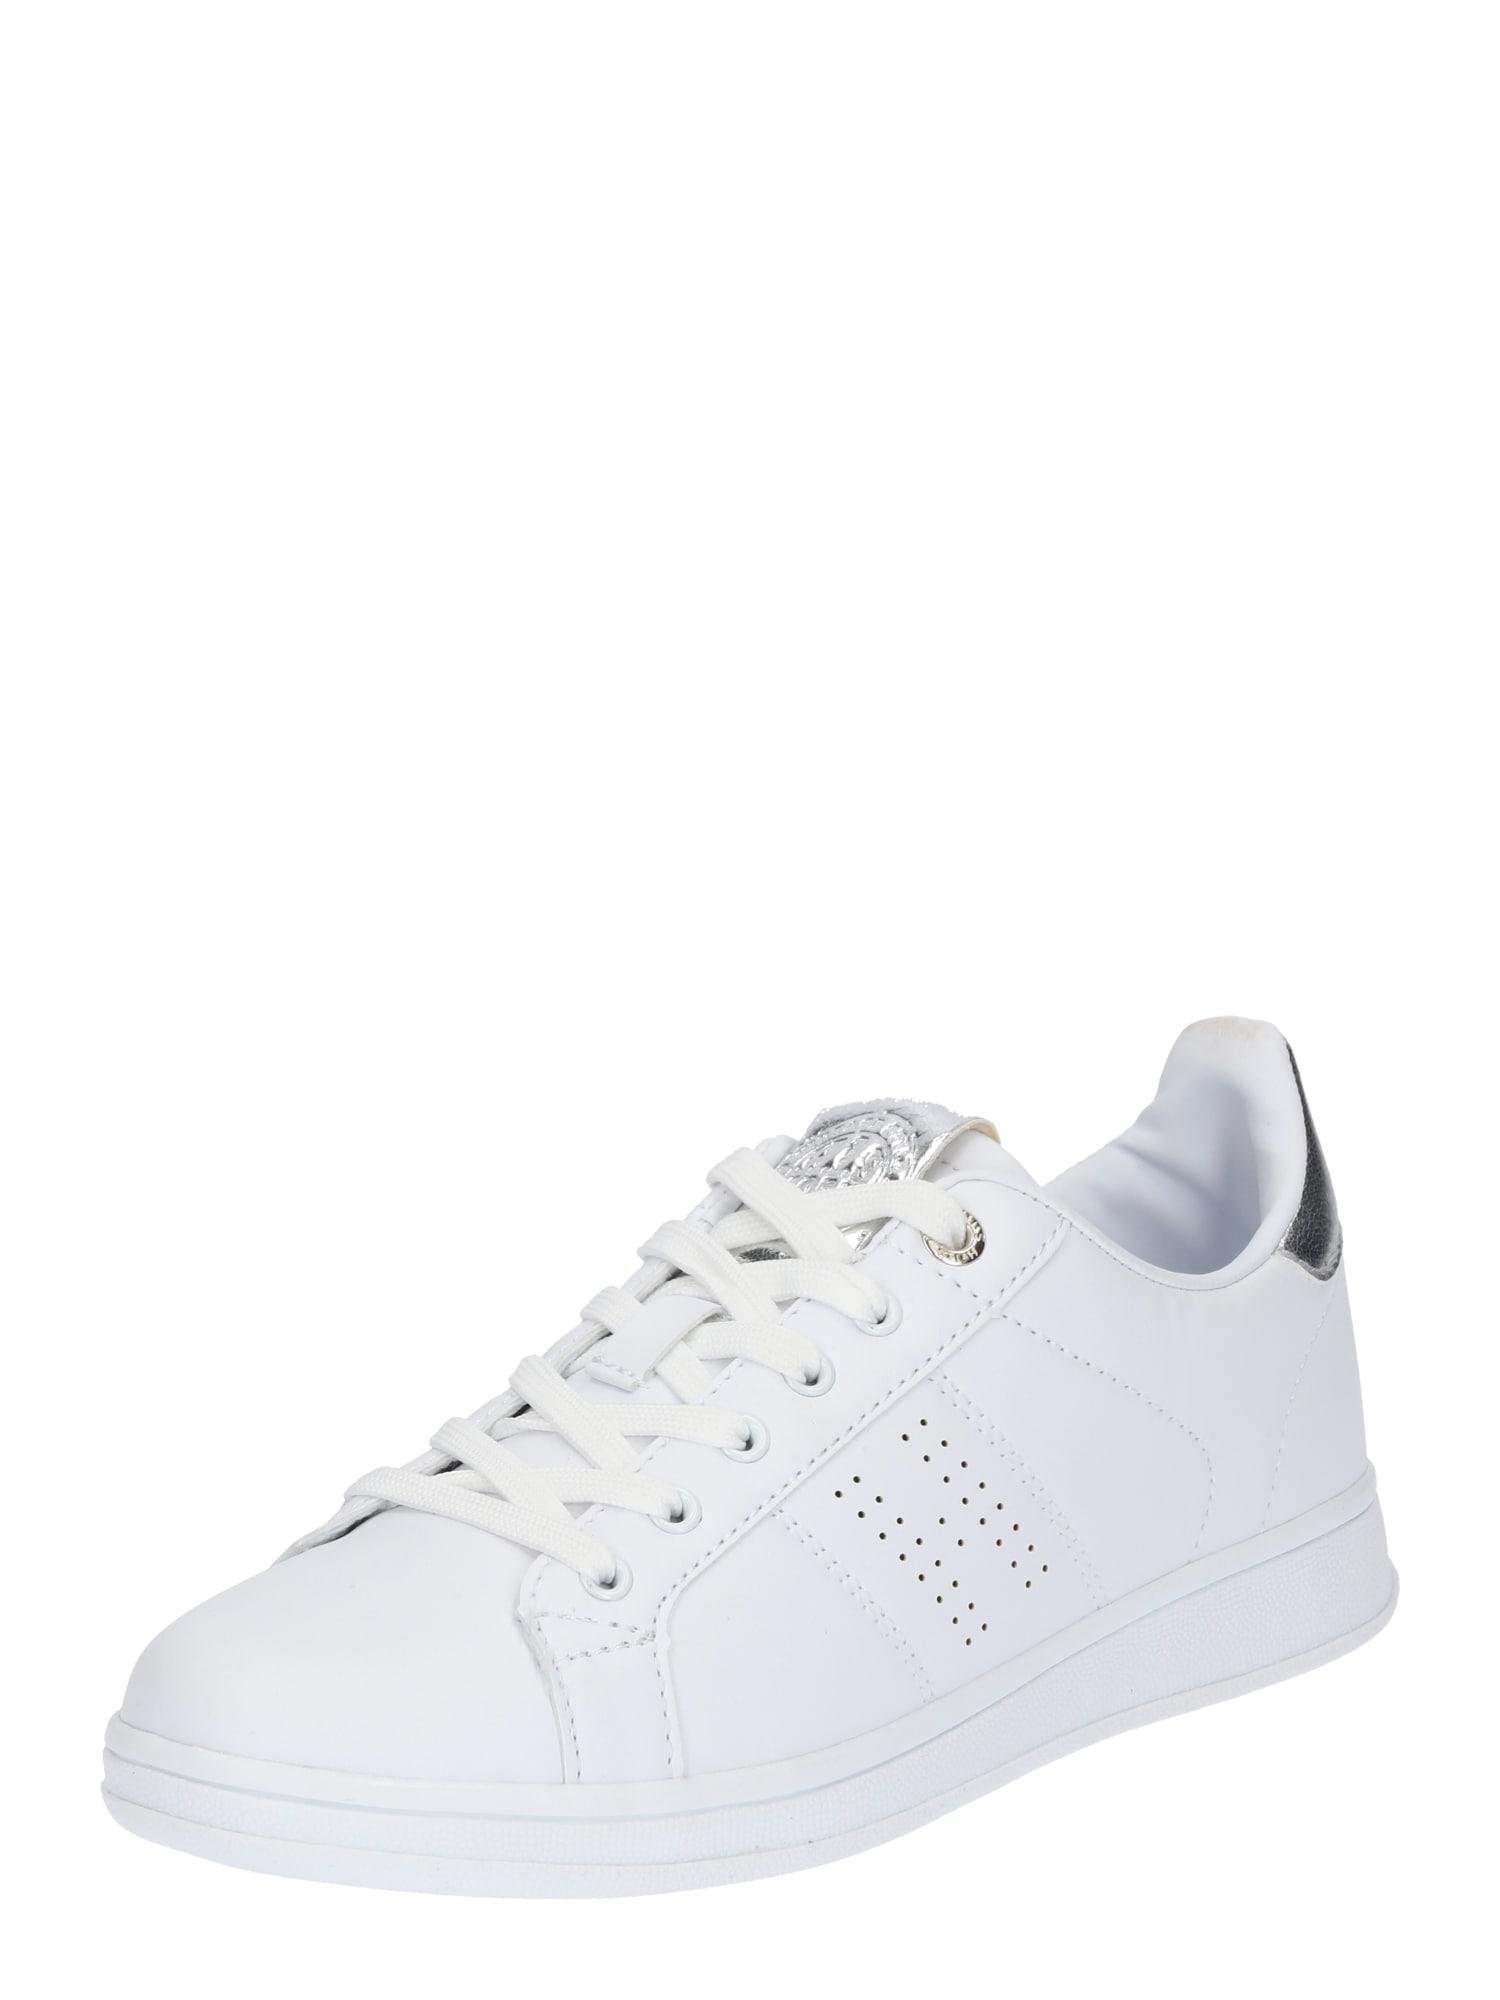 Tenisky stříbrná bílá H.I.S